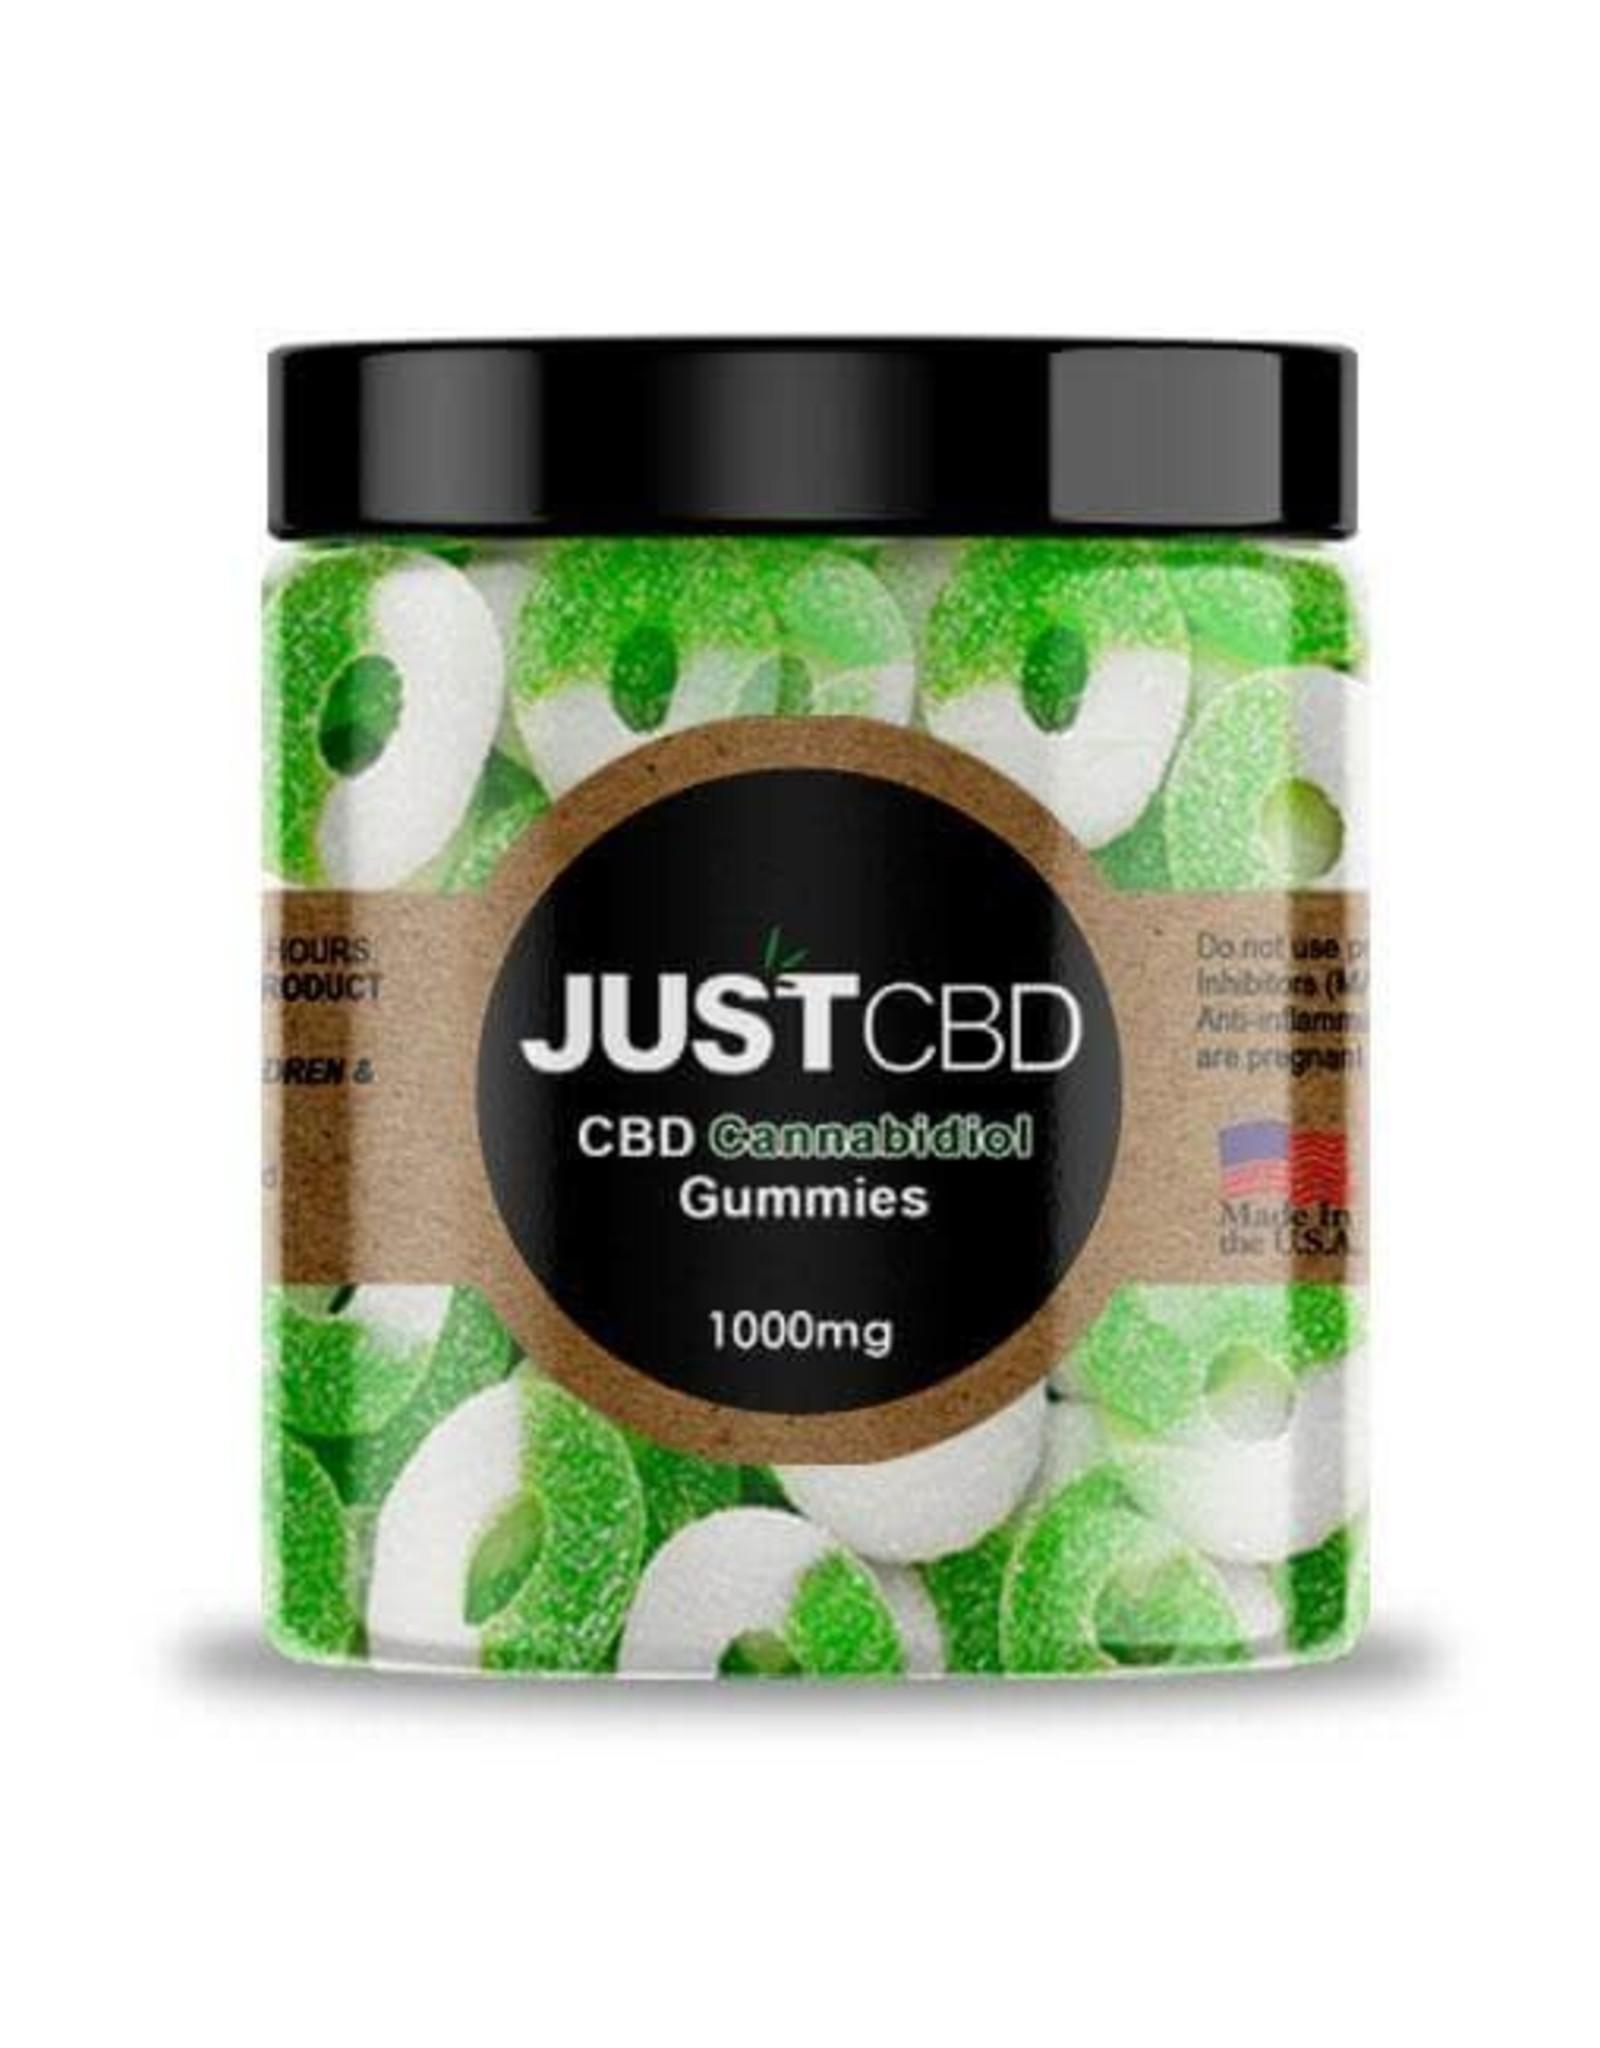 JUST CBD JustCBD Gummies 1000mg